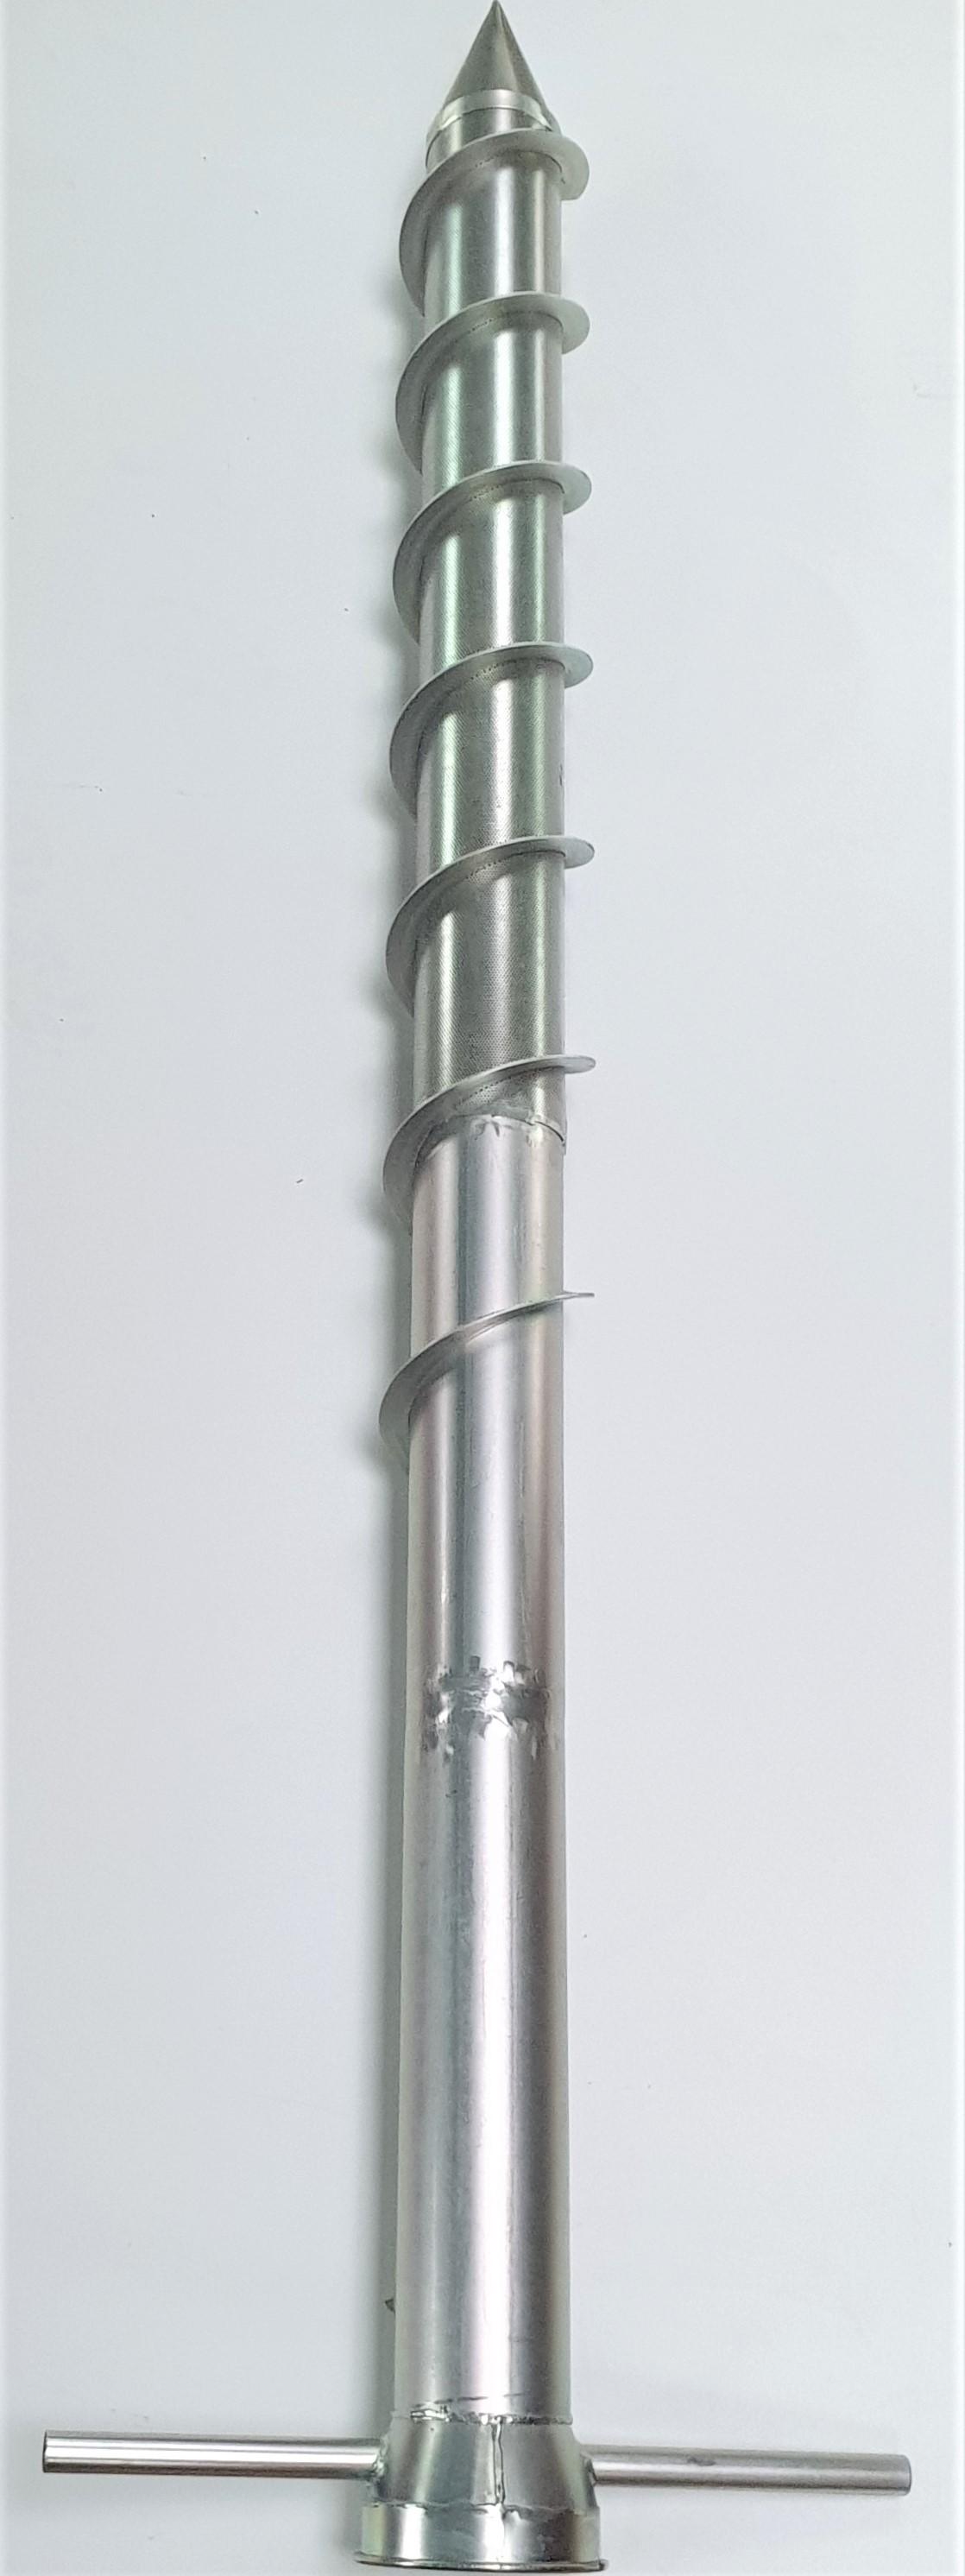 Zubehör Belüftungsrakete - Belüftungsrohr 1,85 m